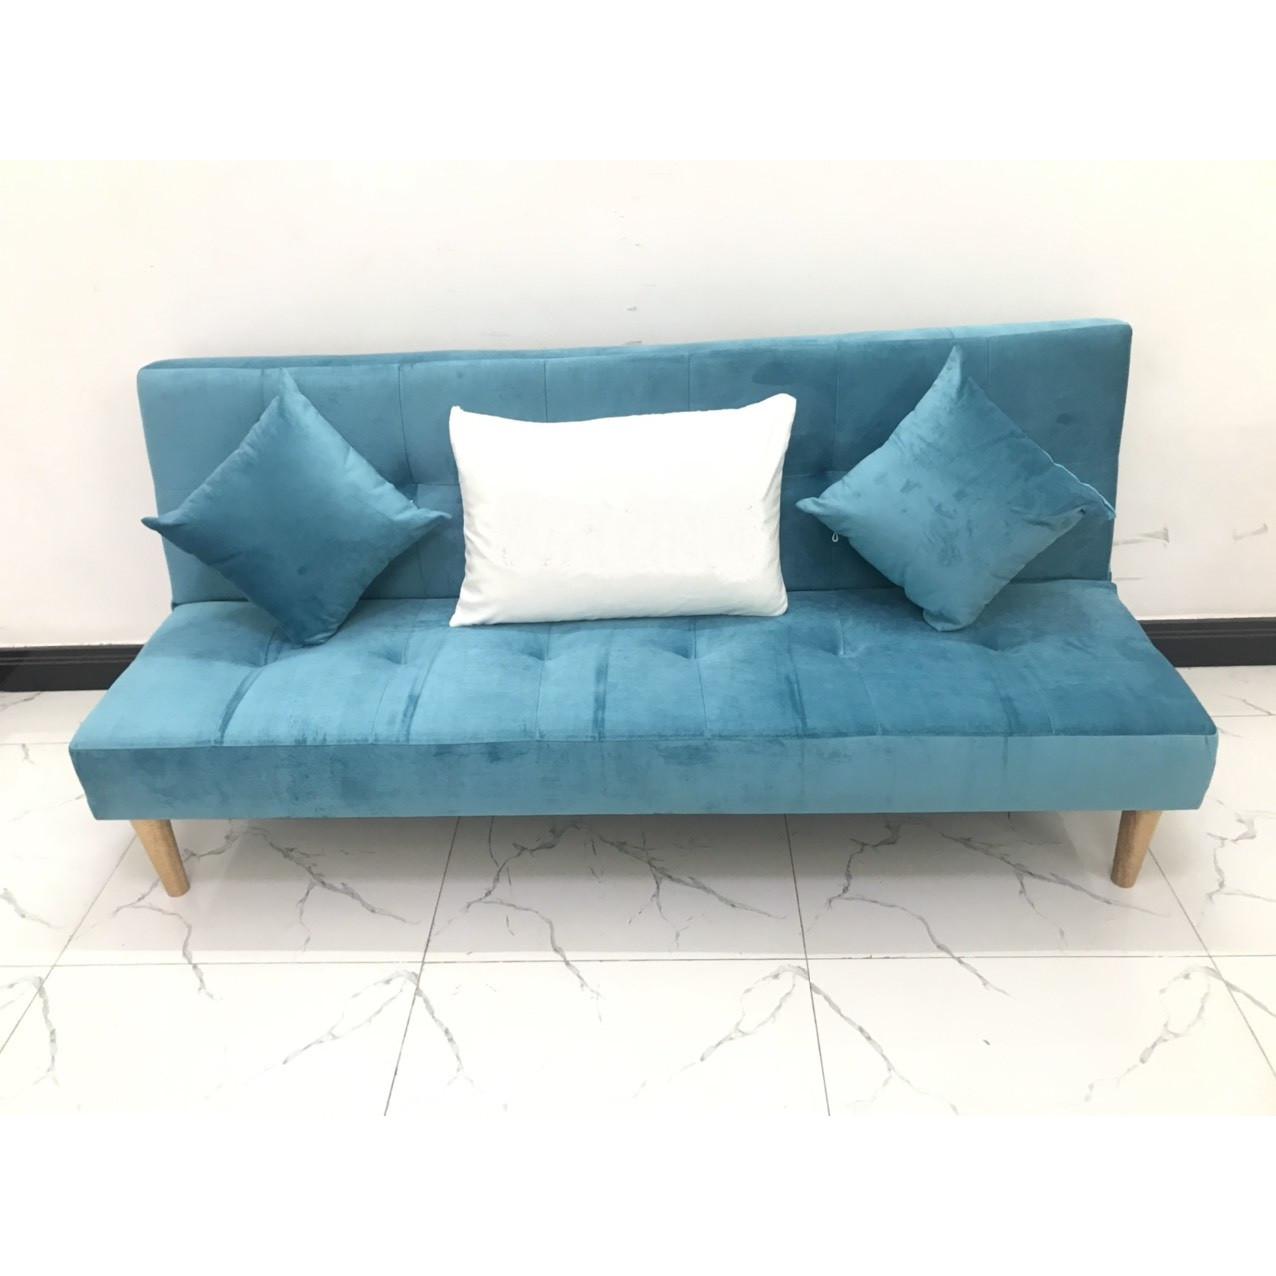 Ghế sofa bed sofa giường 1m7x90, sofa phòng khách linco17